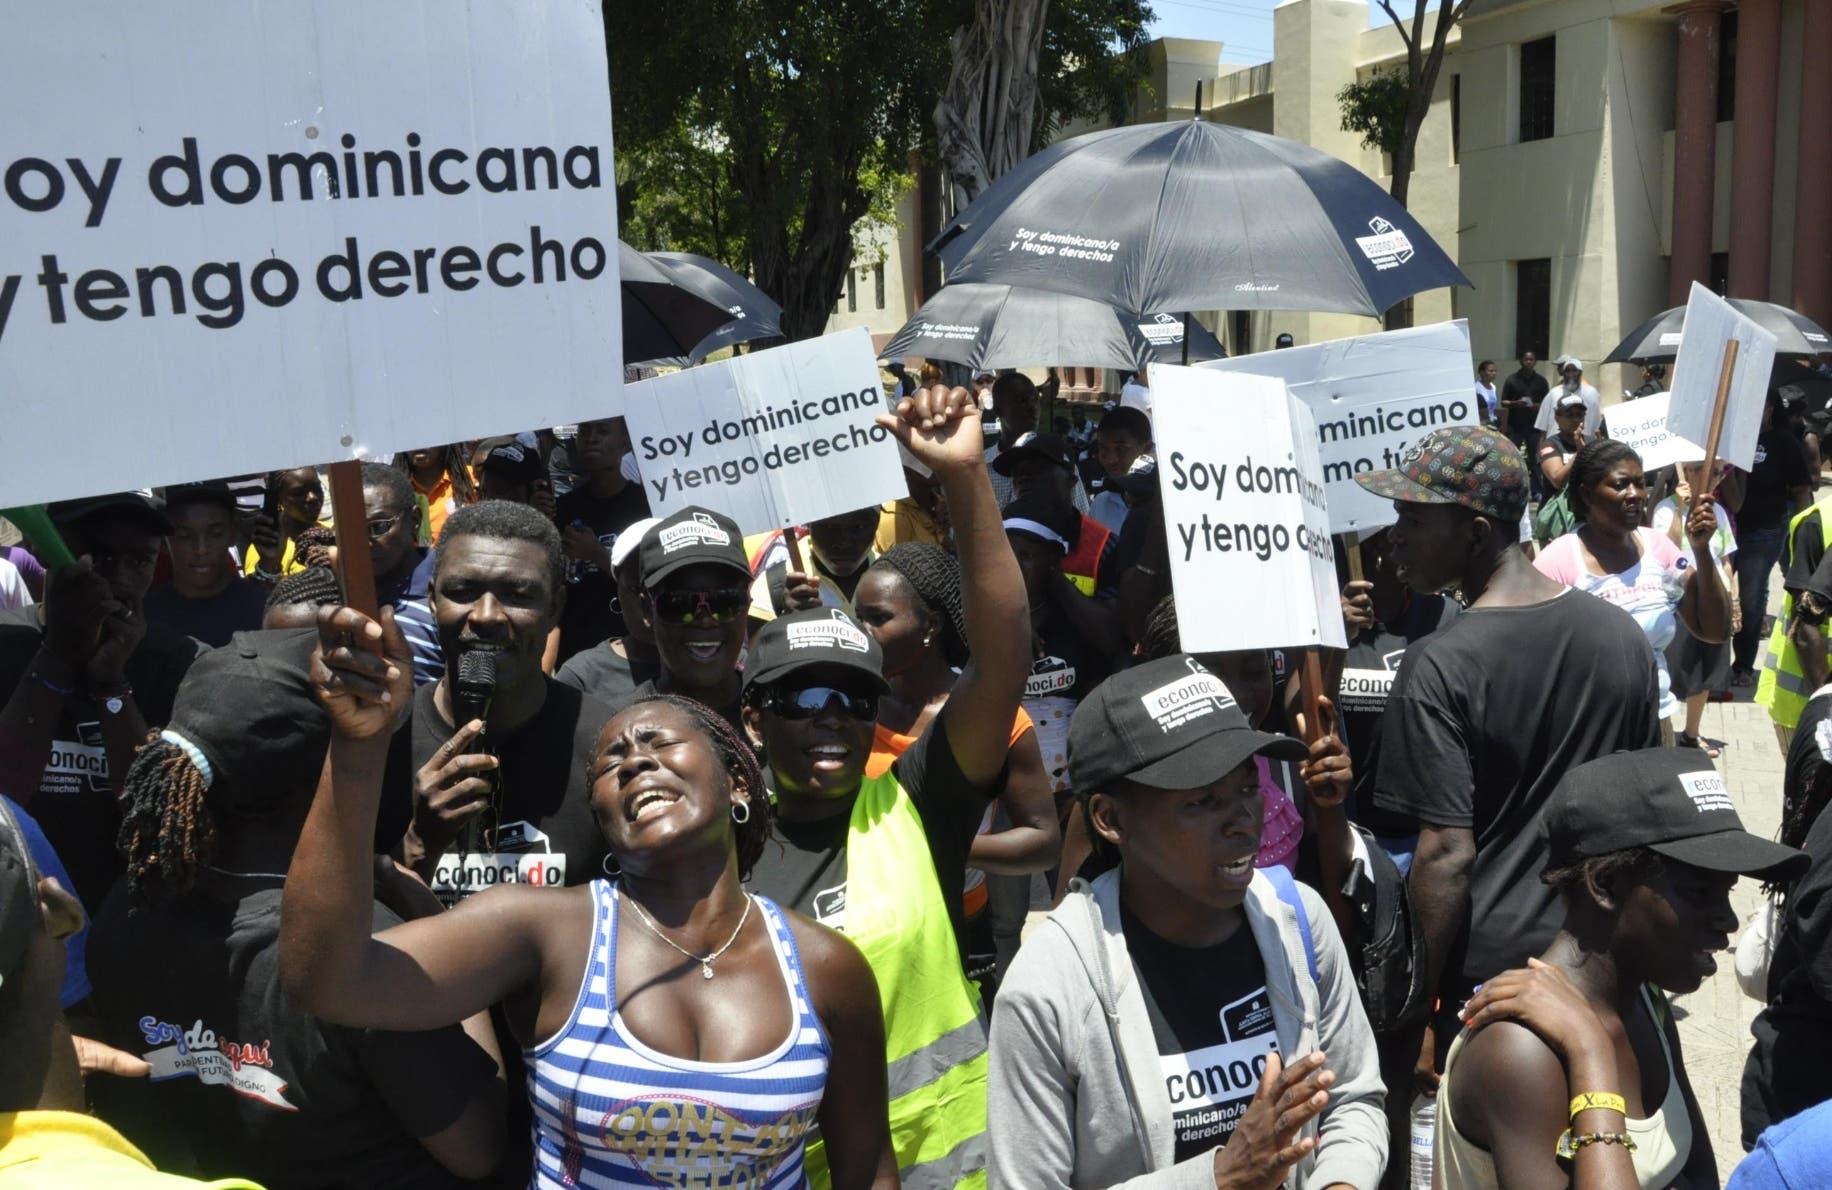 CIDH crea mesa para evaluar desnacionalización en República Dominicana